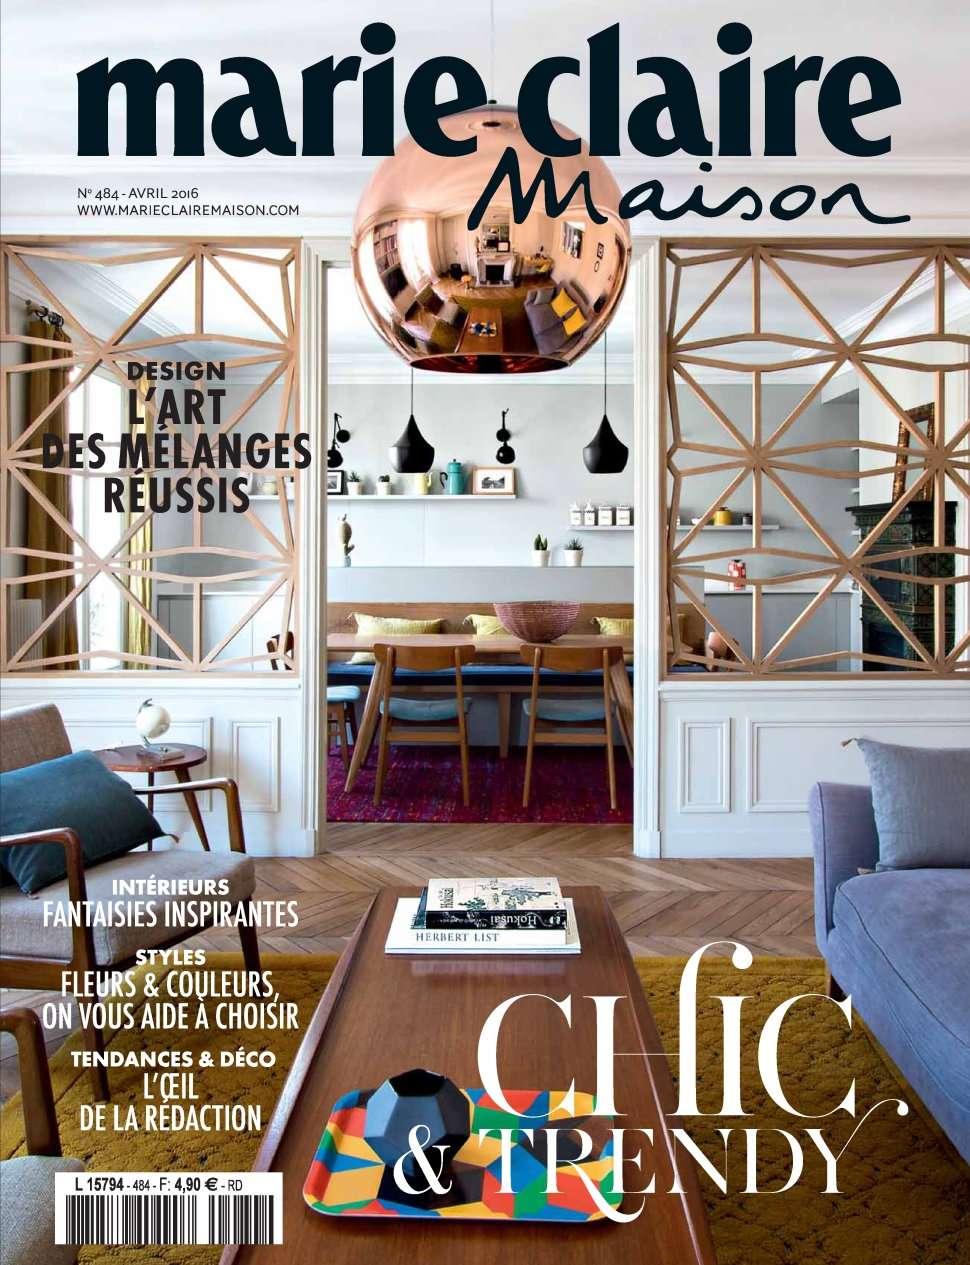 Marie Claire Maison 484 - Avril 2016